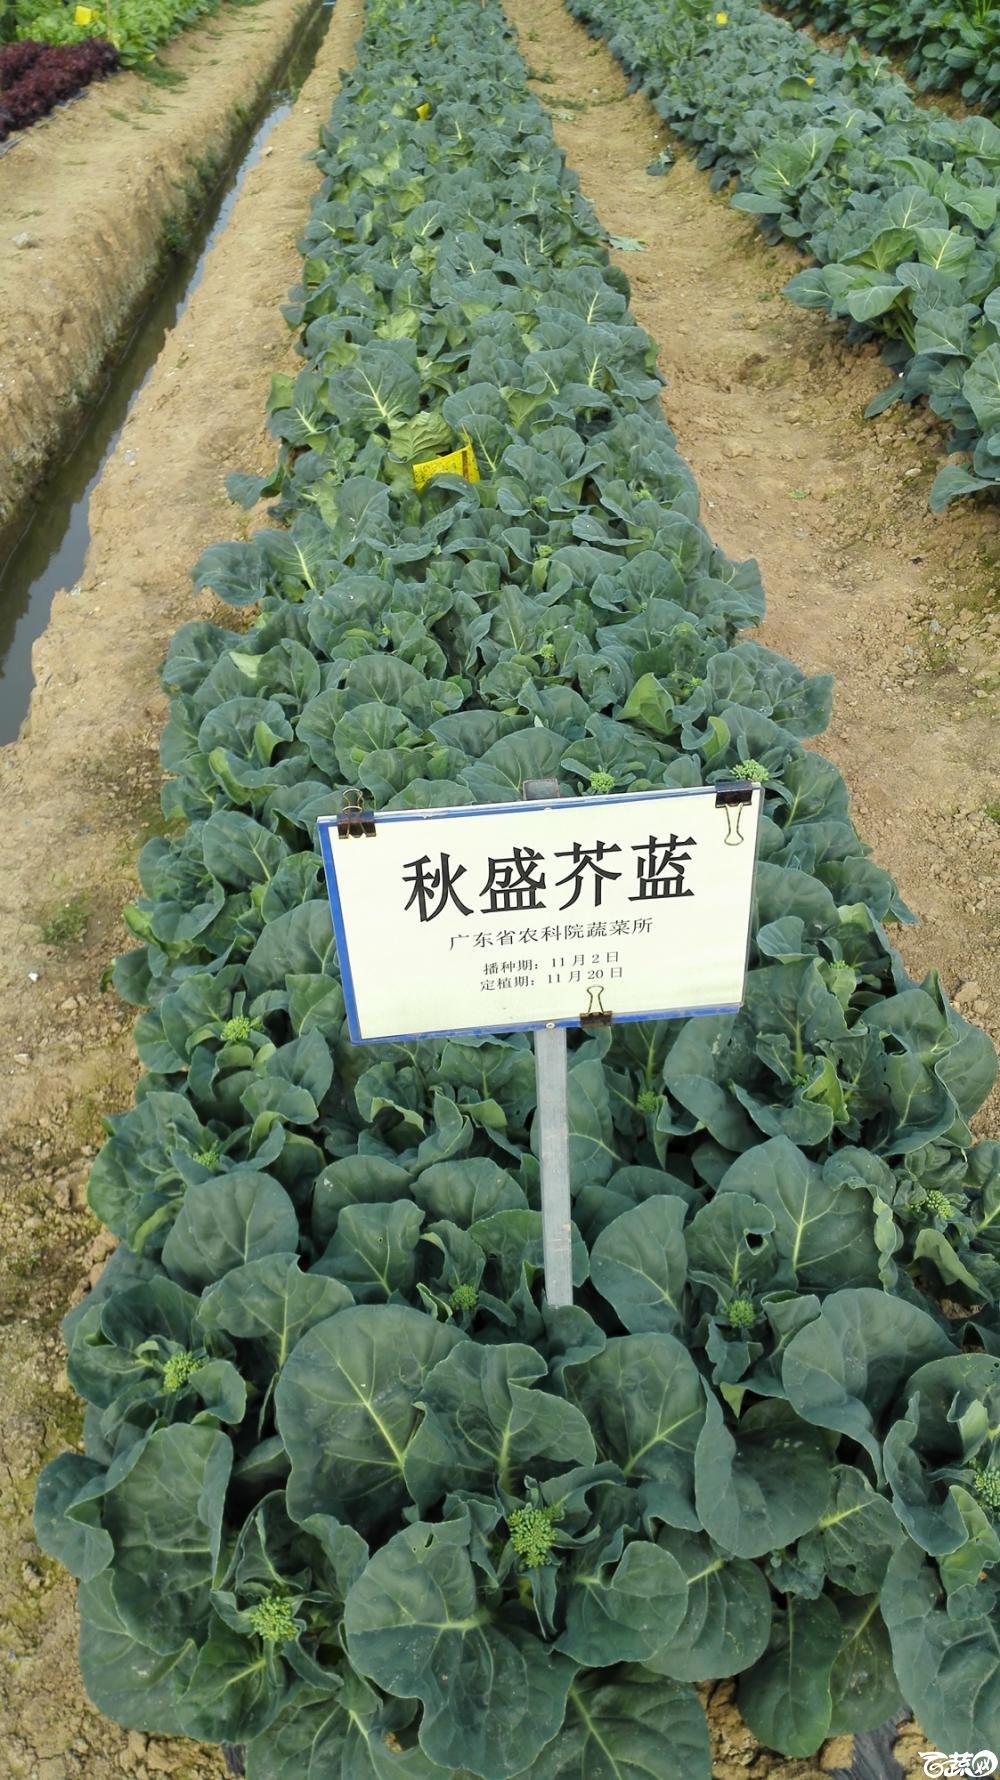 2014年12月8号中山蔬菜新品种展示会_叶菜_027.jpg